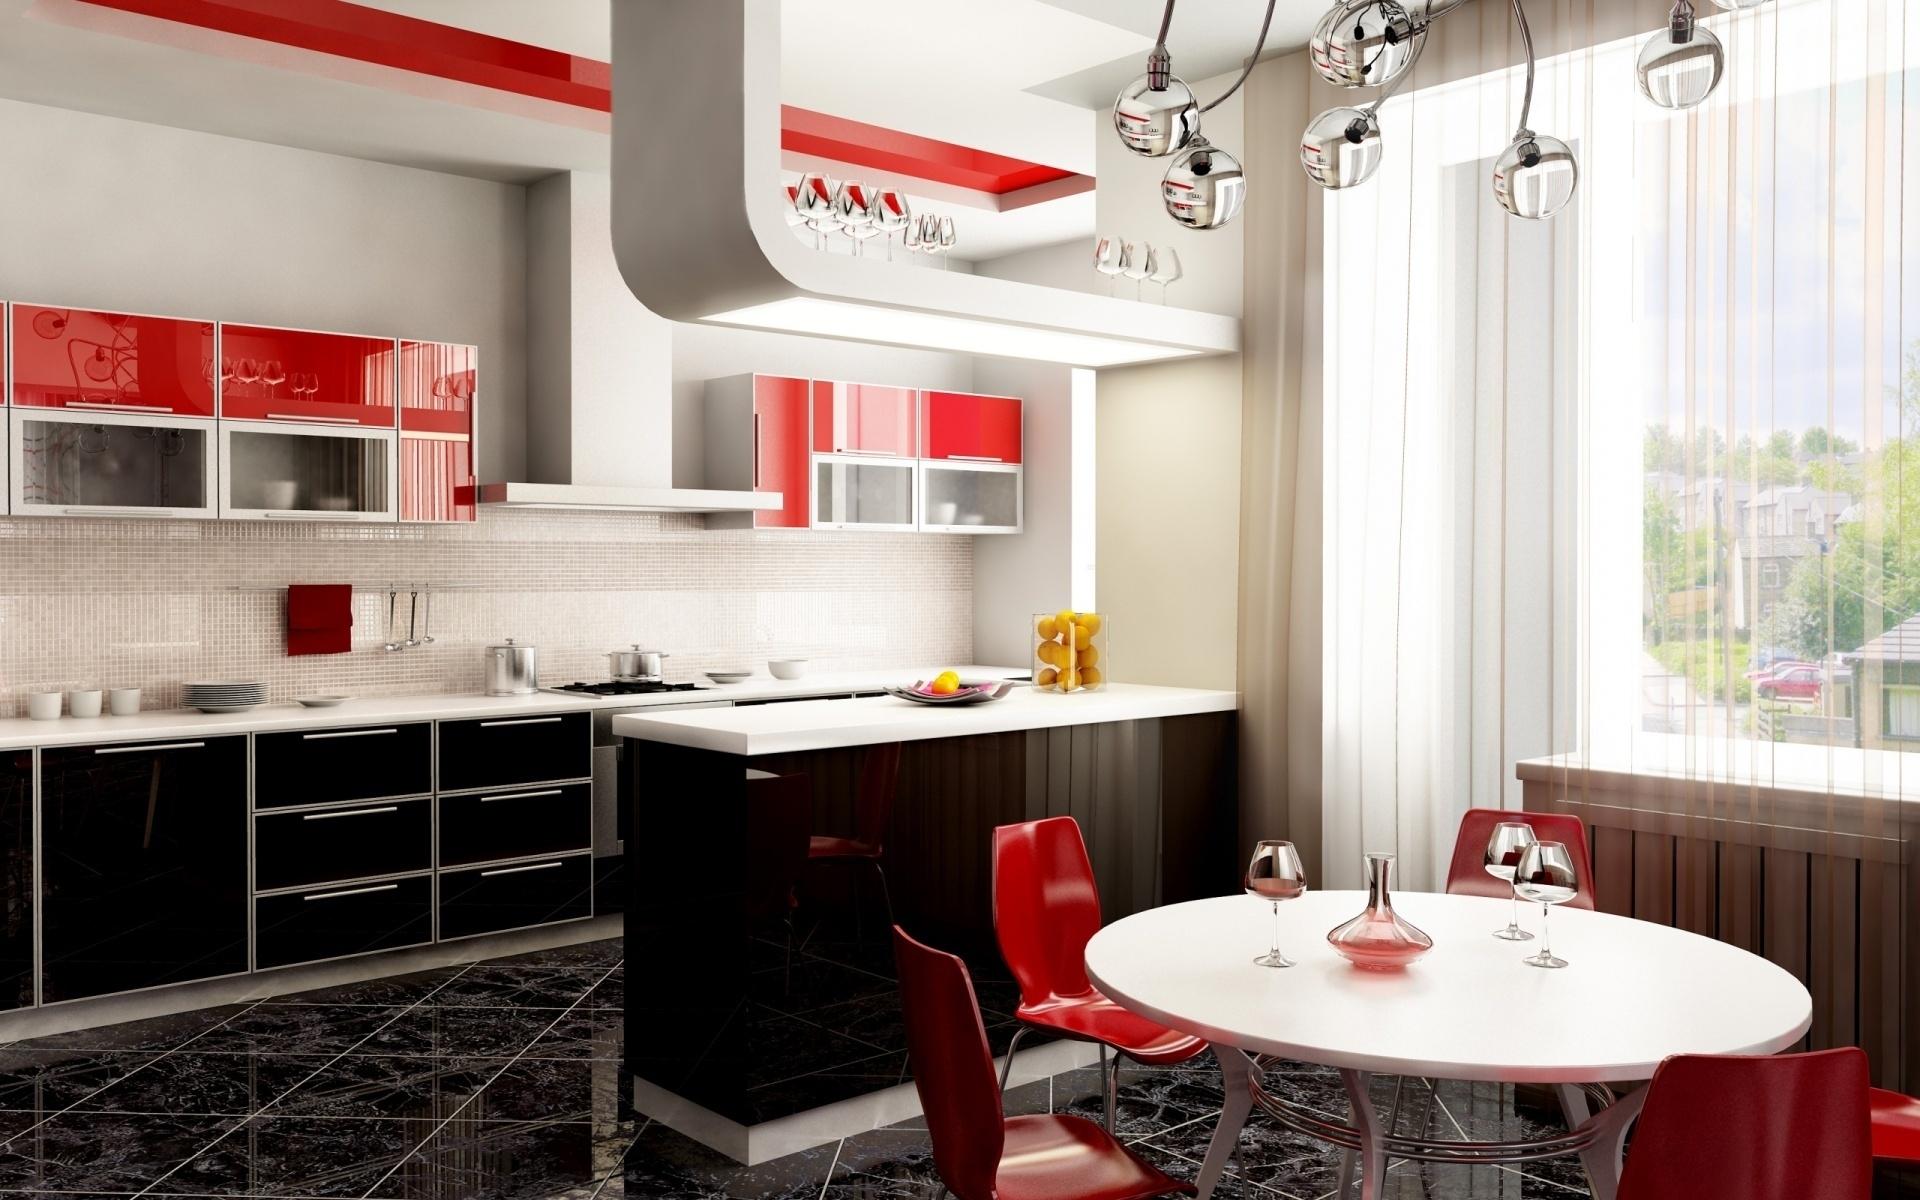 Fondos de pantalla : ventana, gafas, habitación, mesa, cocina ...